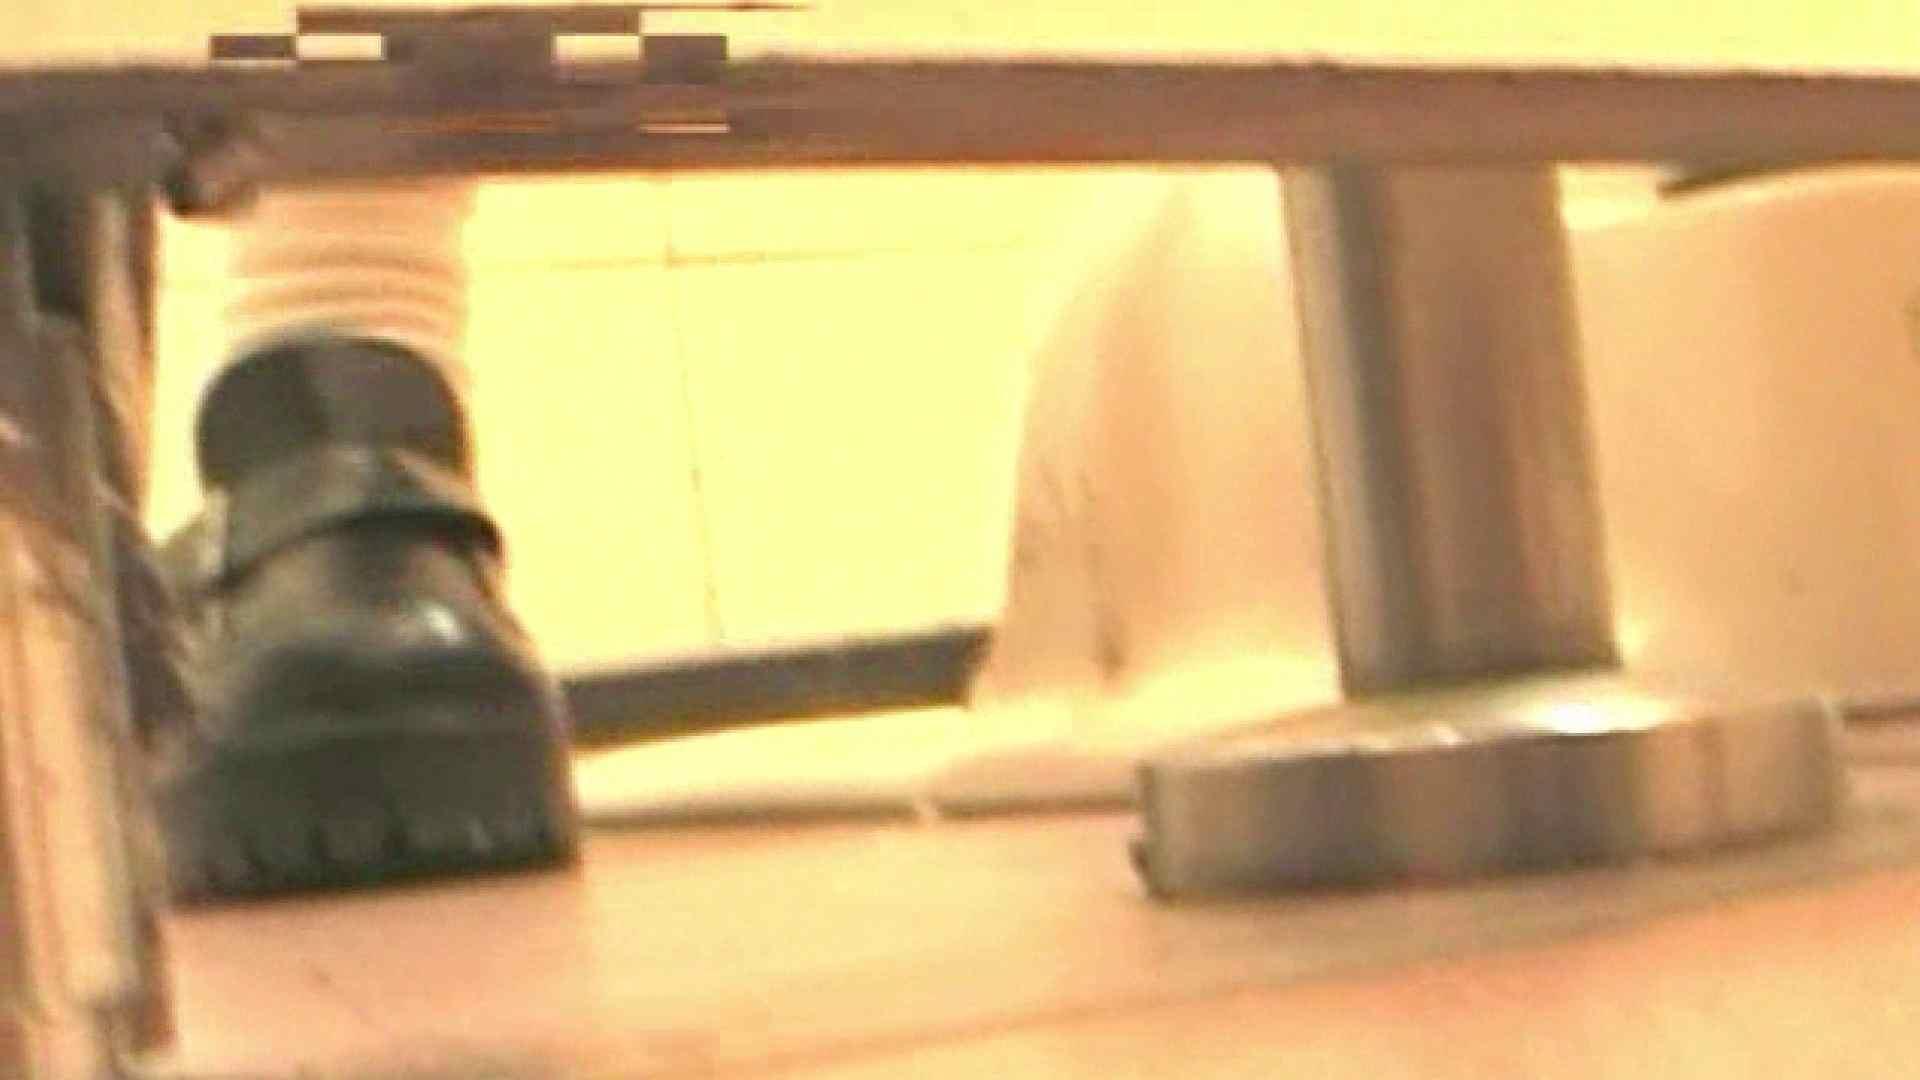 ロックハンドさんの盗撮記録File.53 オマンコ全開です エロ画像 98枚